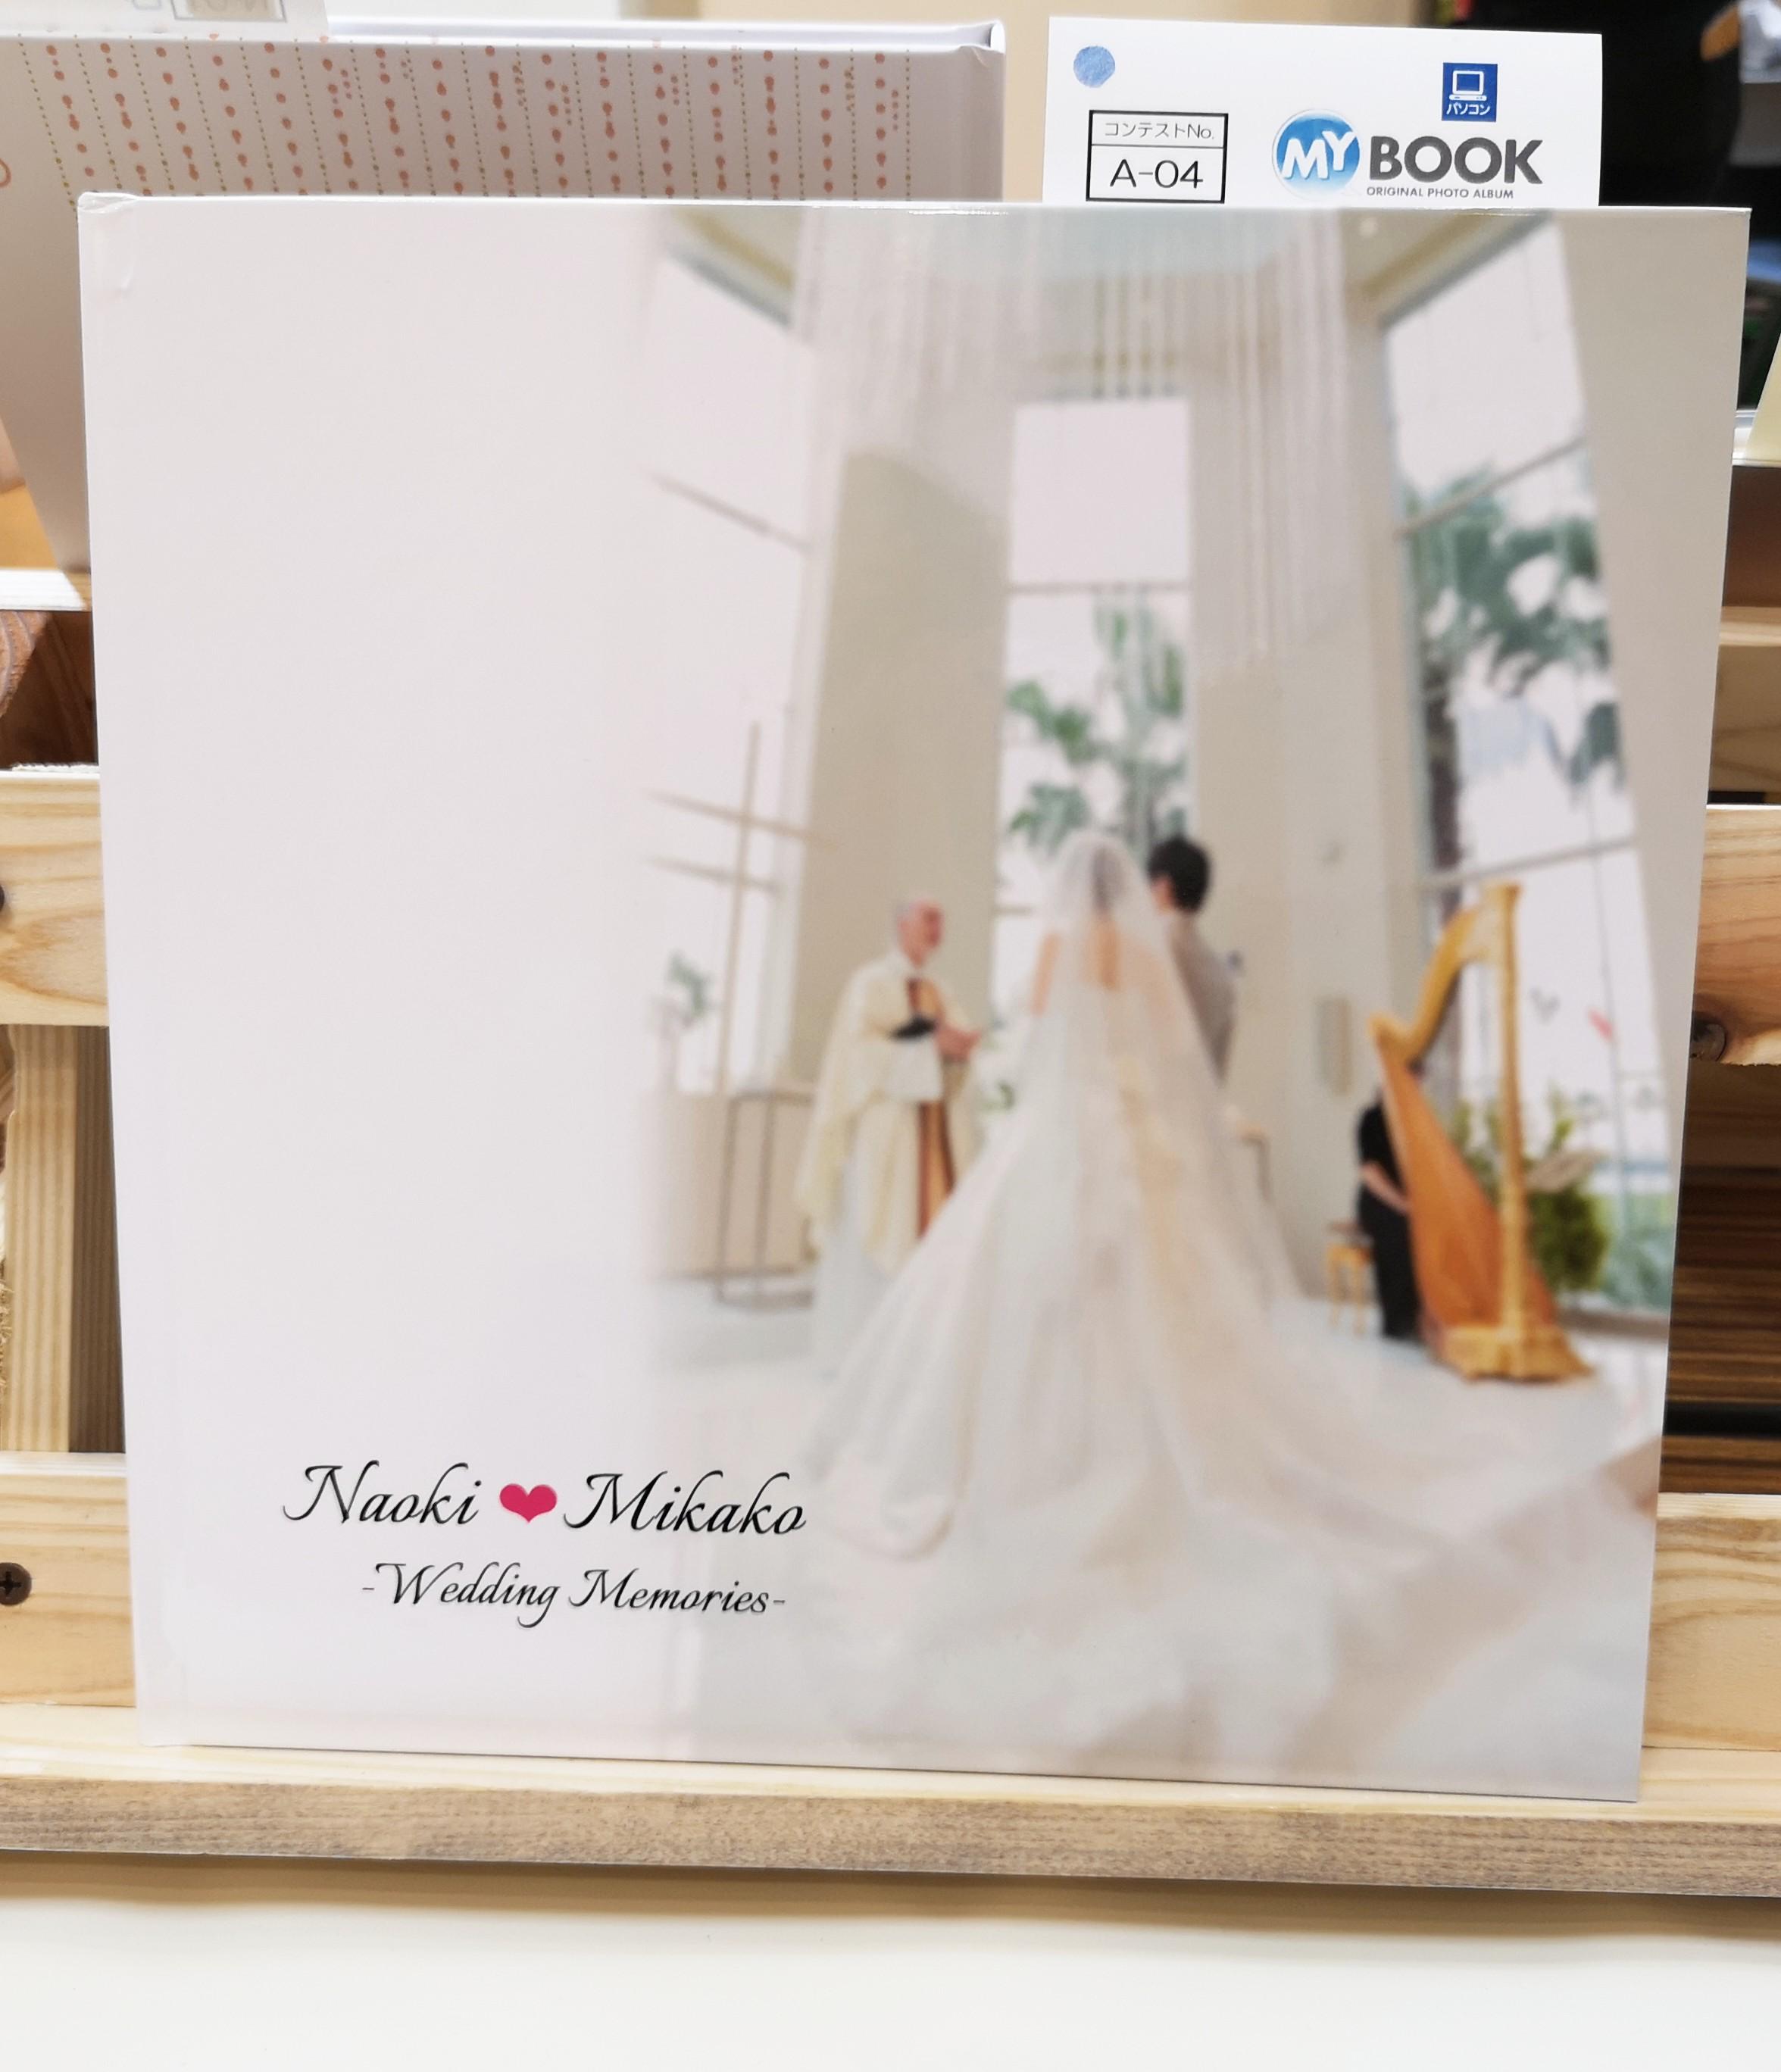 結婚式のフォトブック!マイブックで結婚式